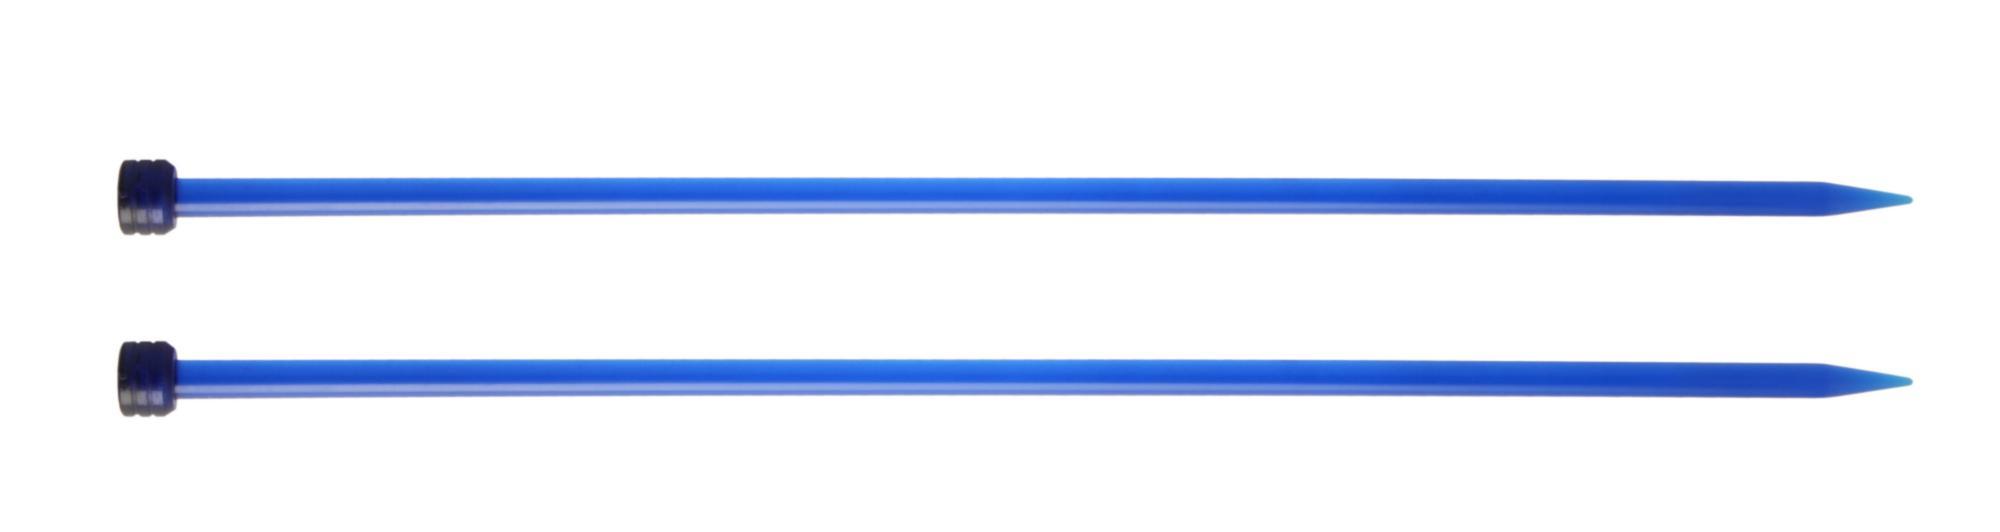 Спицы прямые 25 см Trendz KnitPro, 51176, 6.50 мм